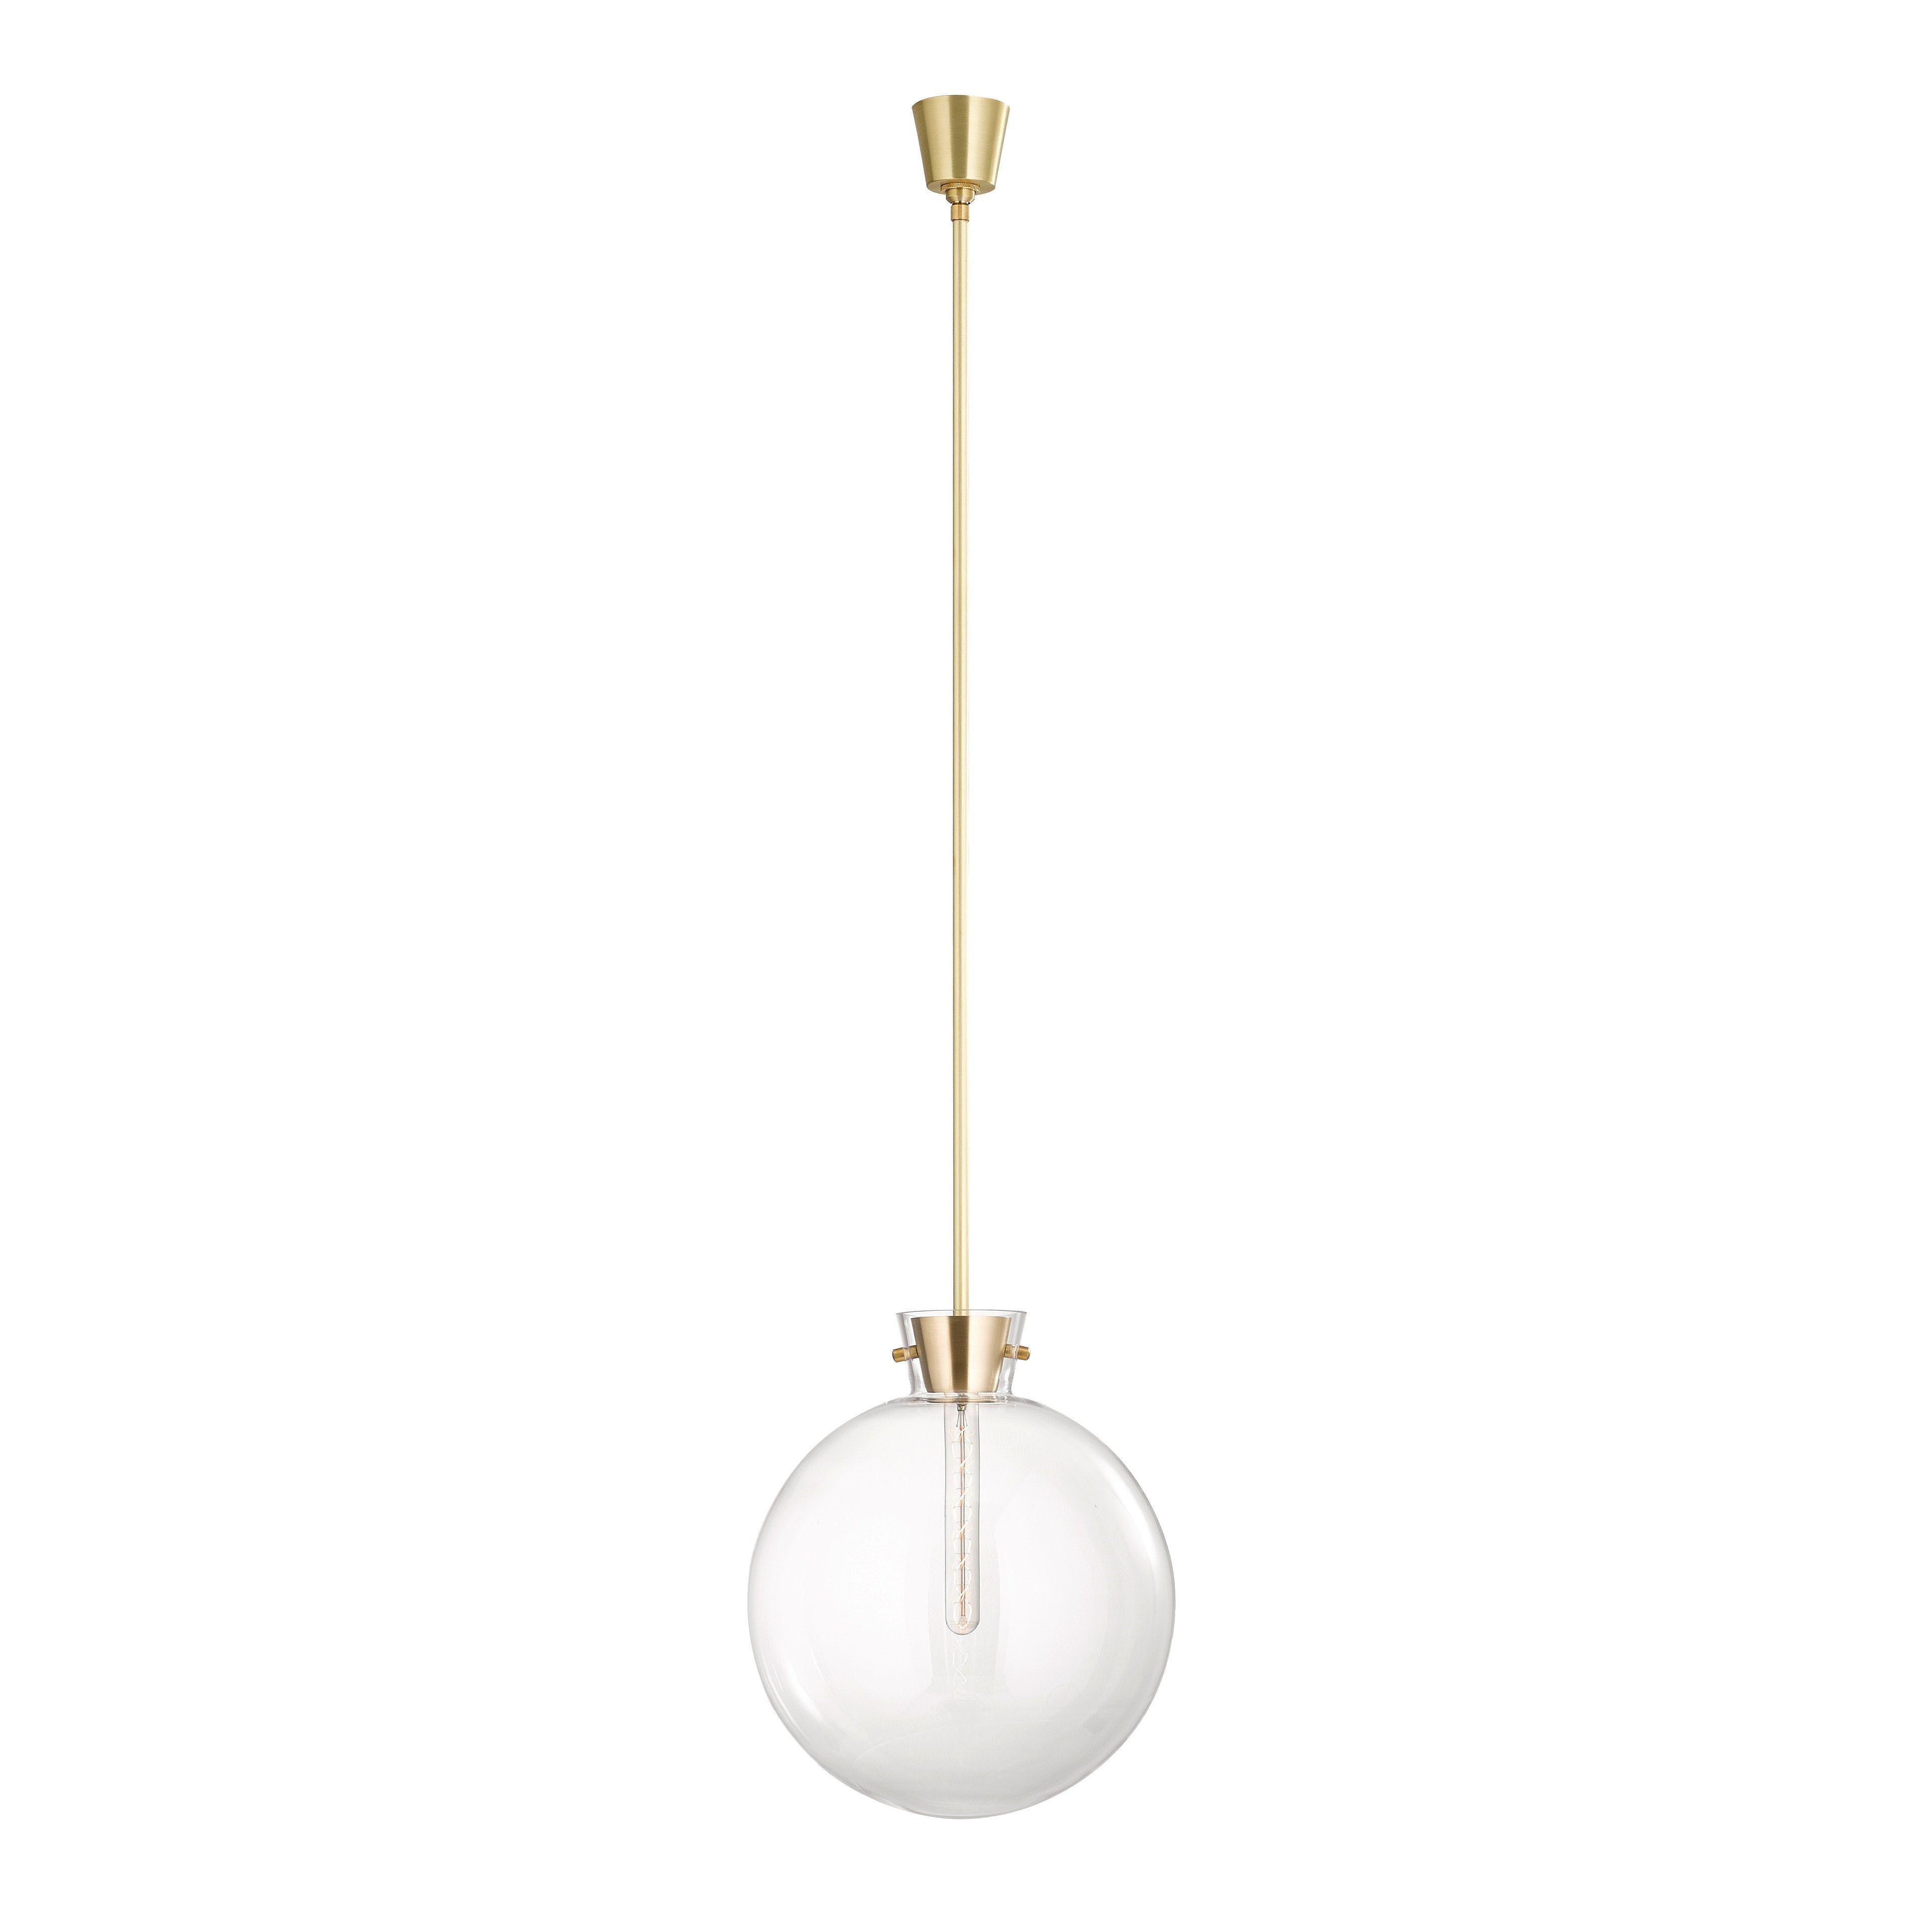 Buy ETU Light by Kaia Lighting - Made-to-Order designer Pendants from Dering  sc 1 st  Pinterest & Buy ETU Light by Kaia Lighting - Made-to-Order designer Pendants ... azcodes.com